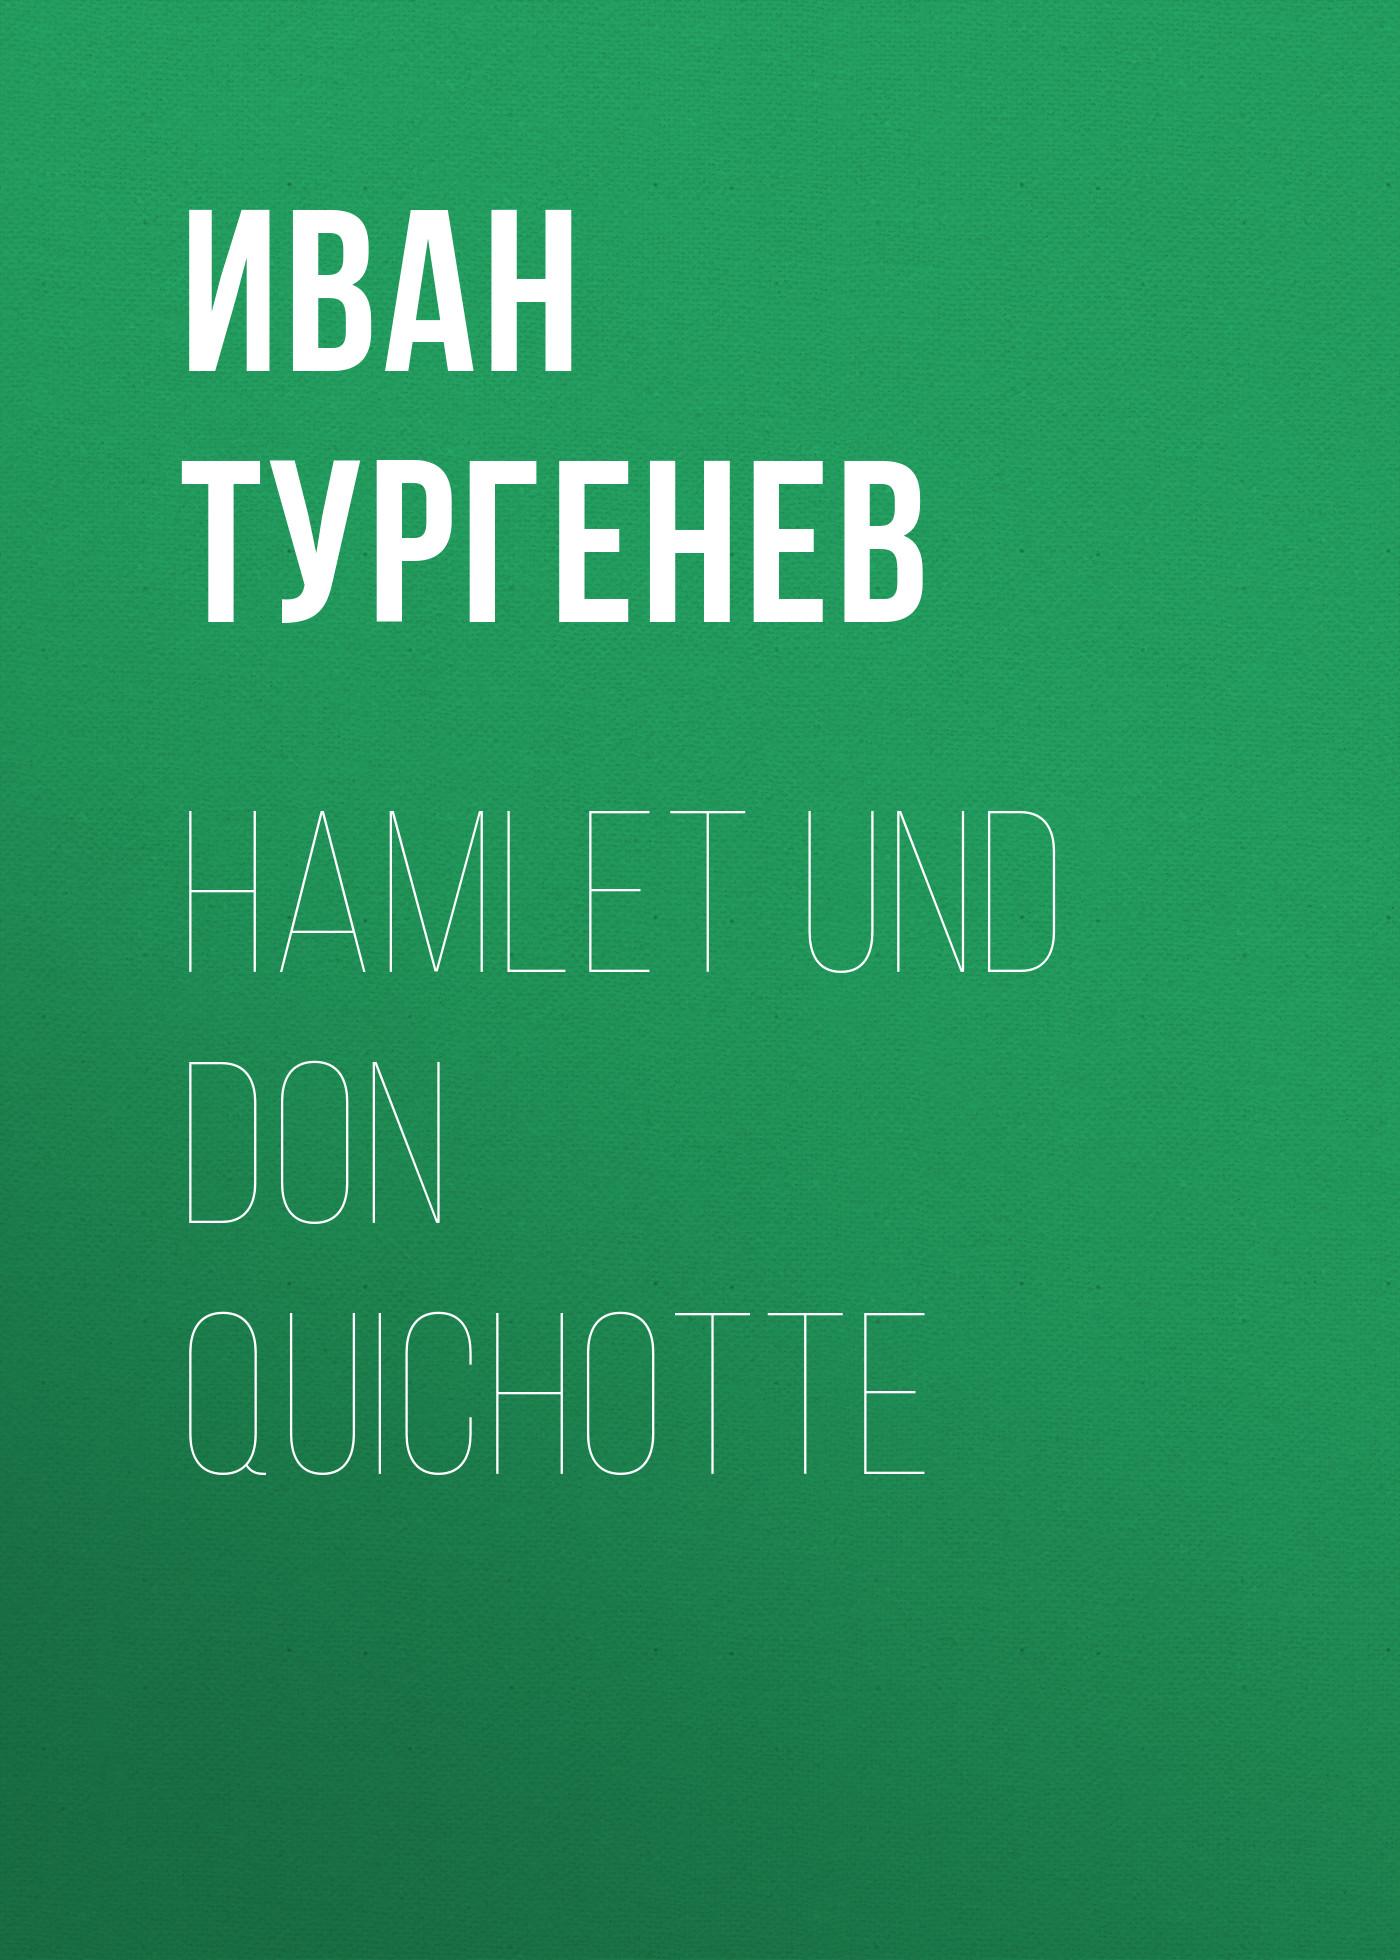 Hamlet und Don Quichotte